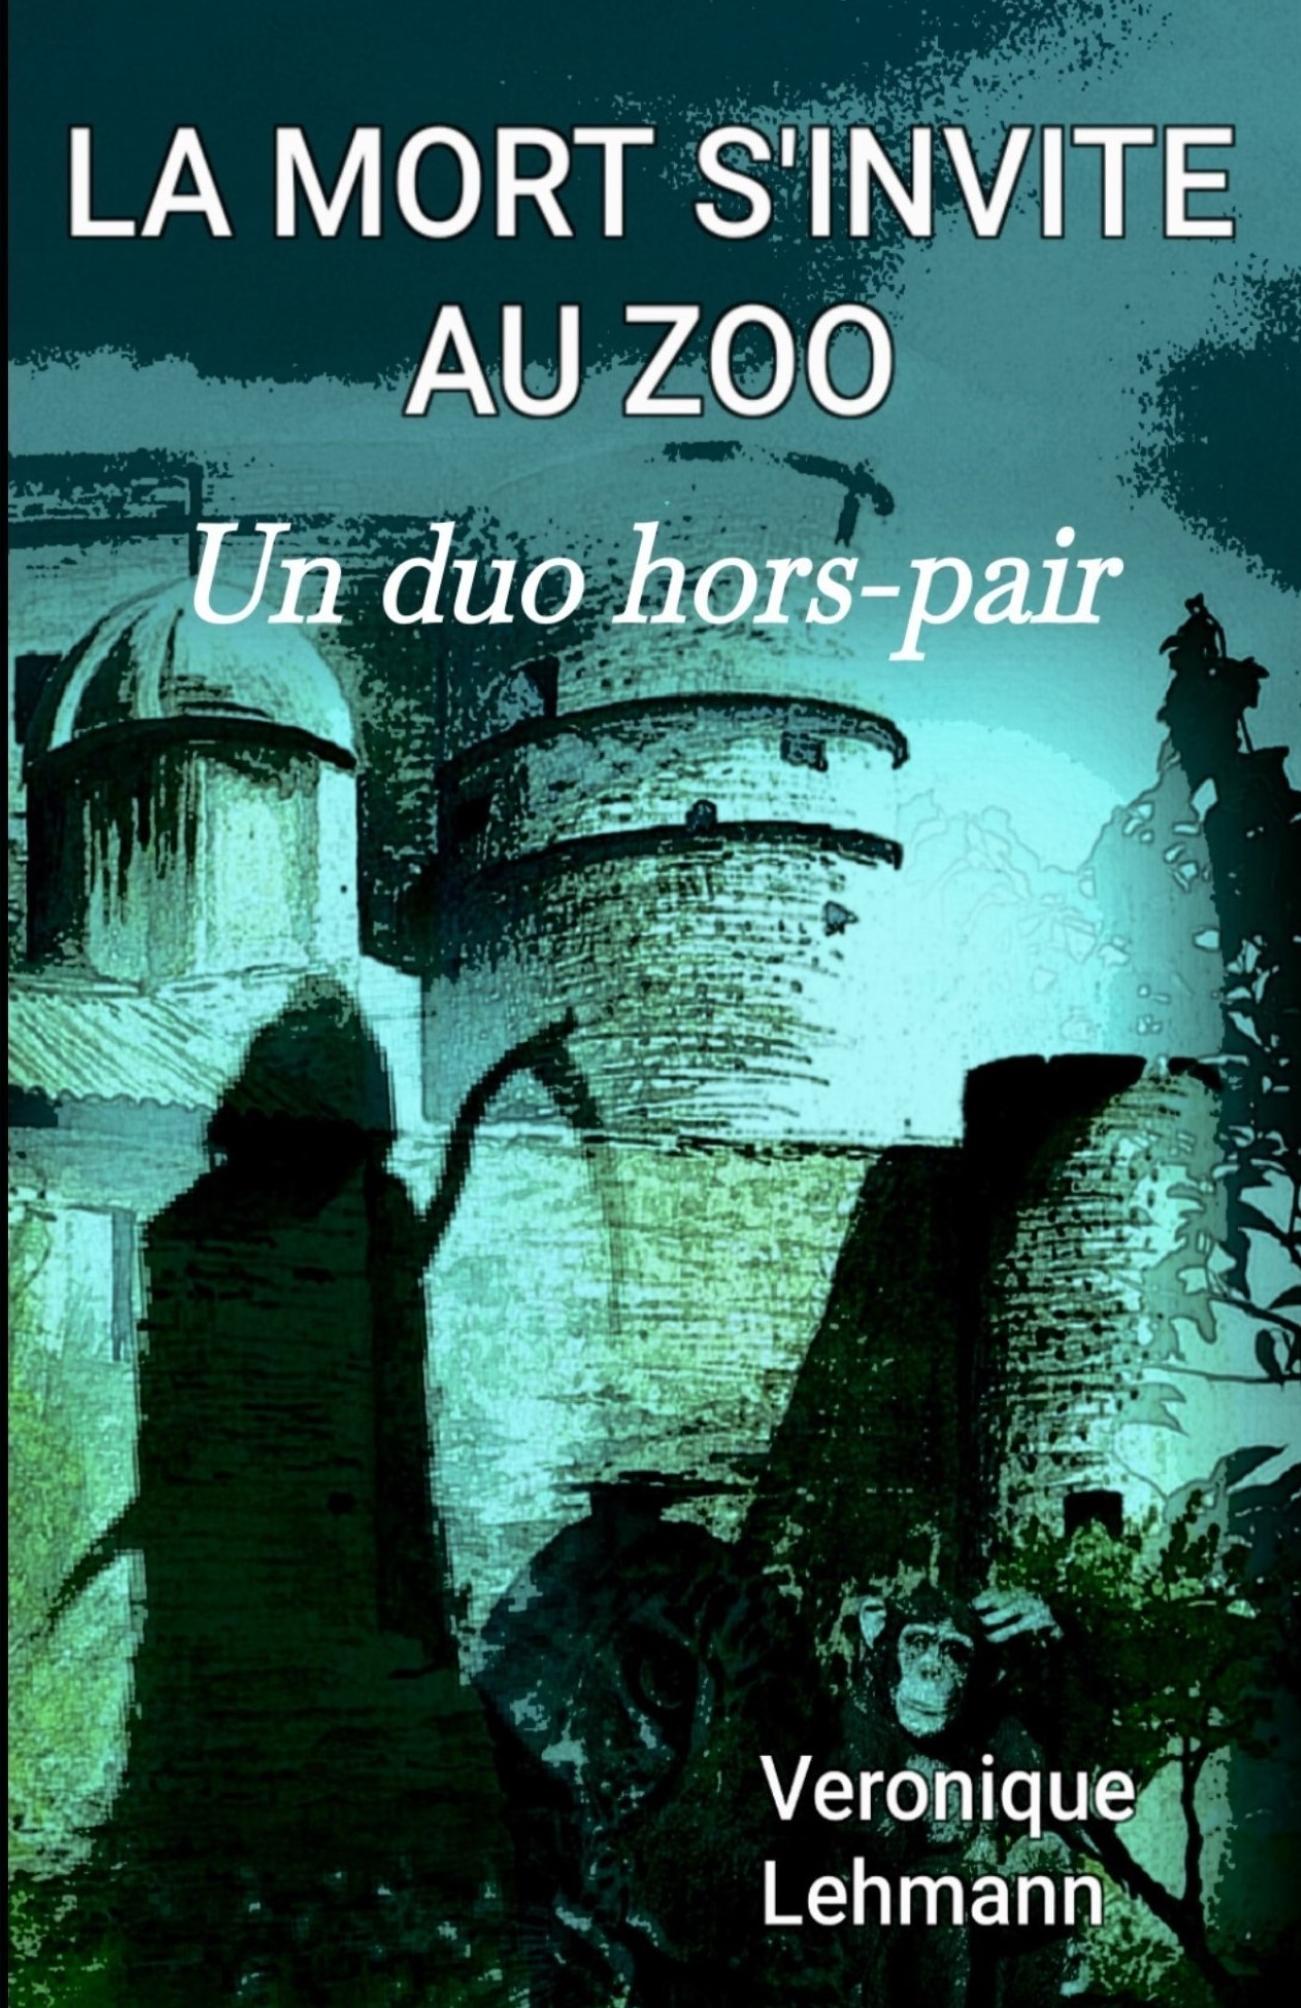 La mort s'invite au zoo